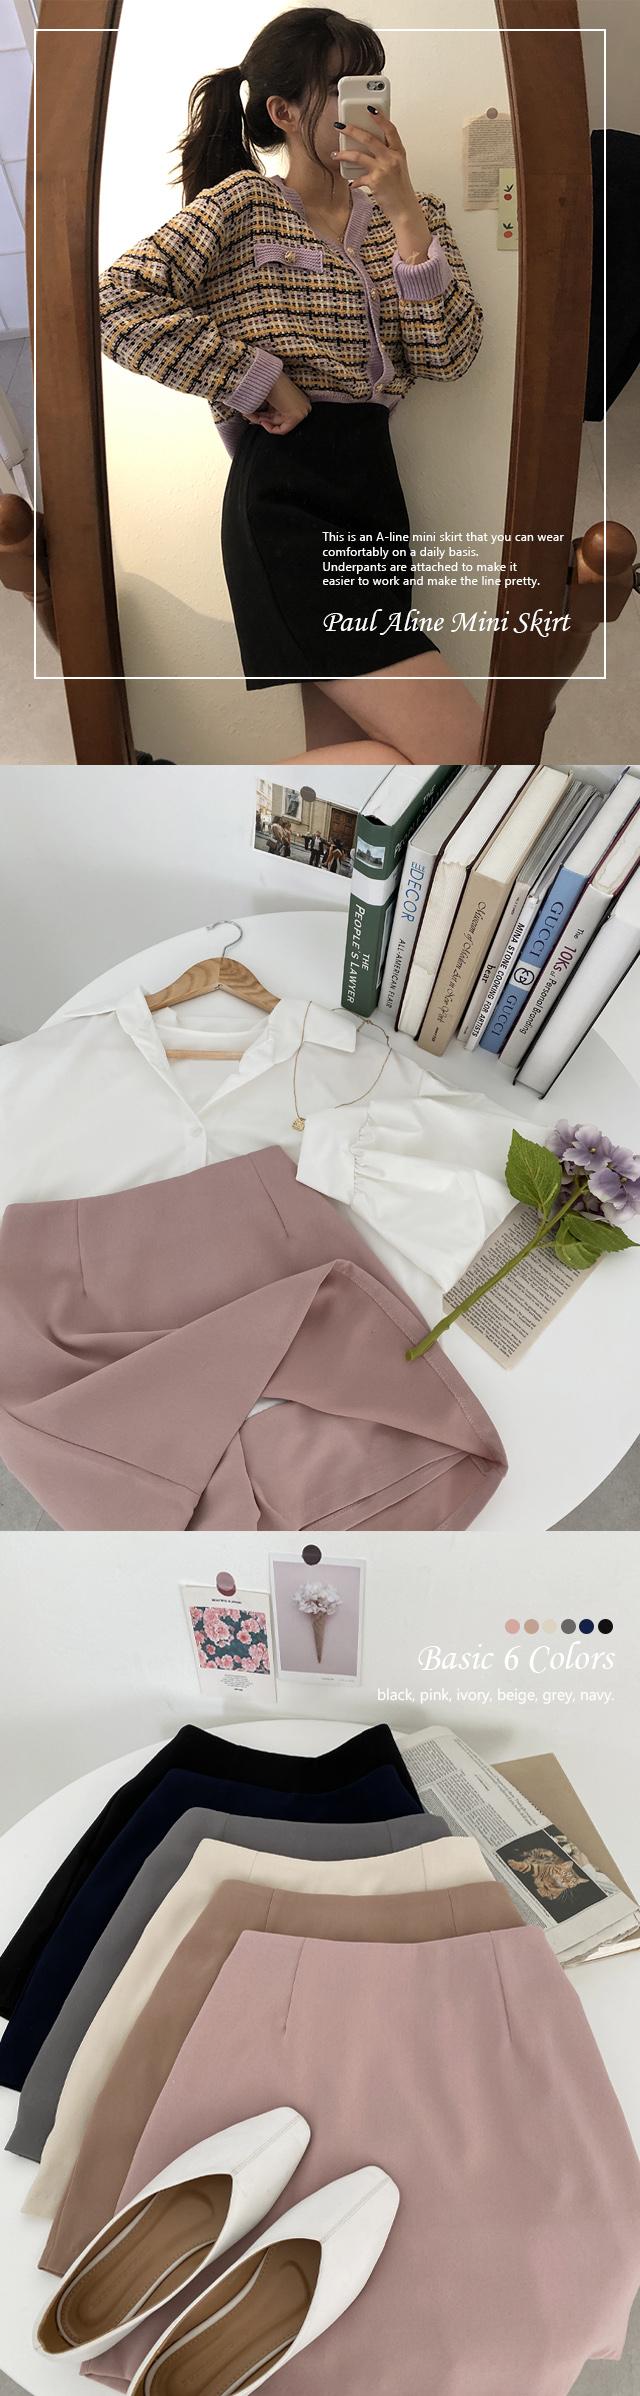 Paul A-line mini skirt